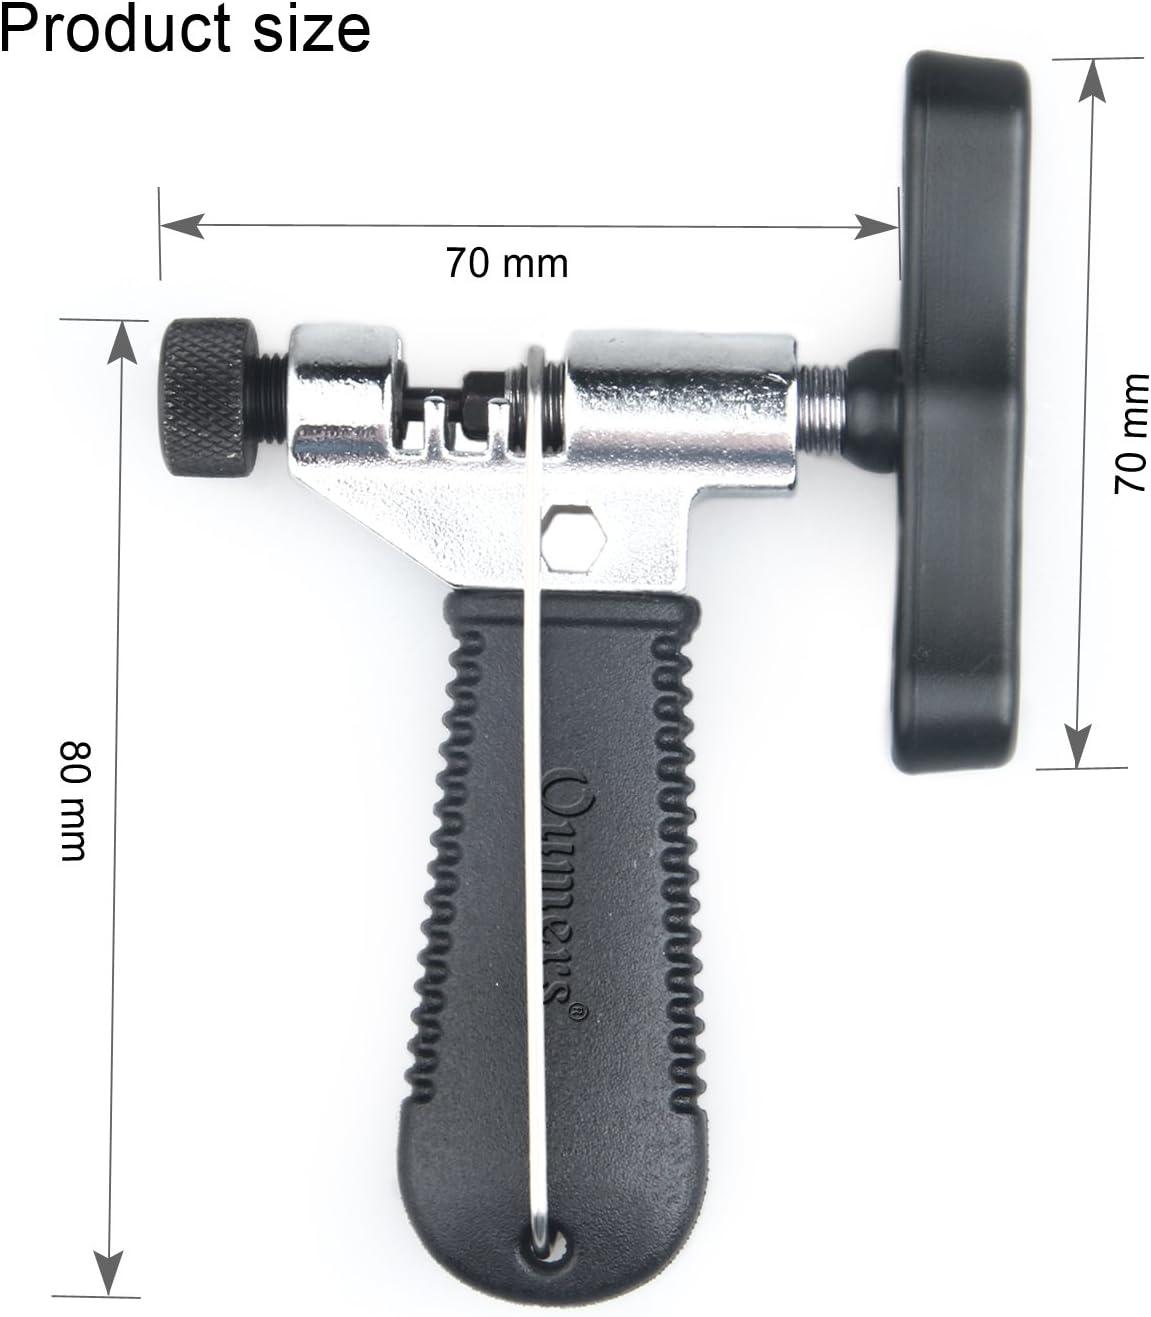 Mountain Bike Bicycle Chain Splitter Breaker Repair Rivet Link Pin Remover Tool